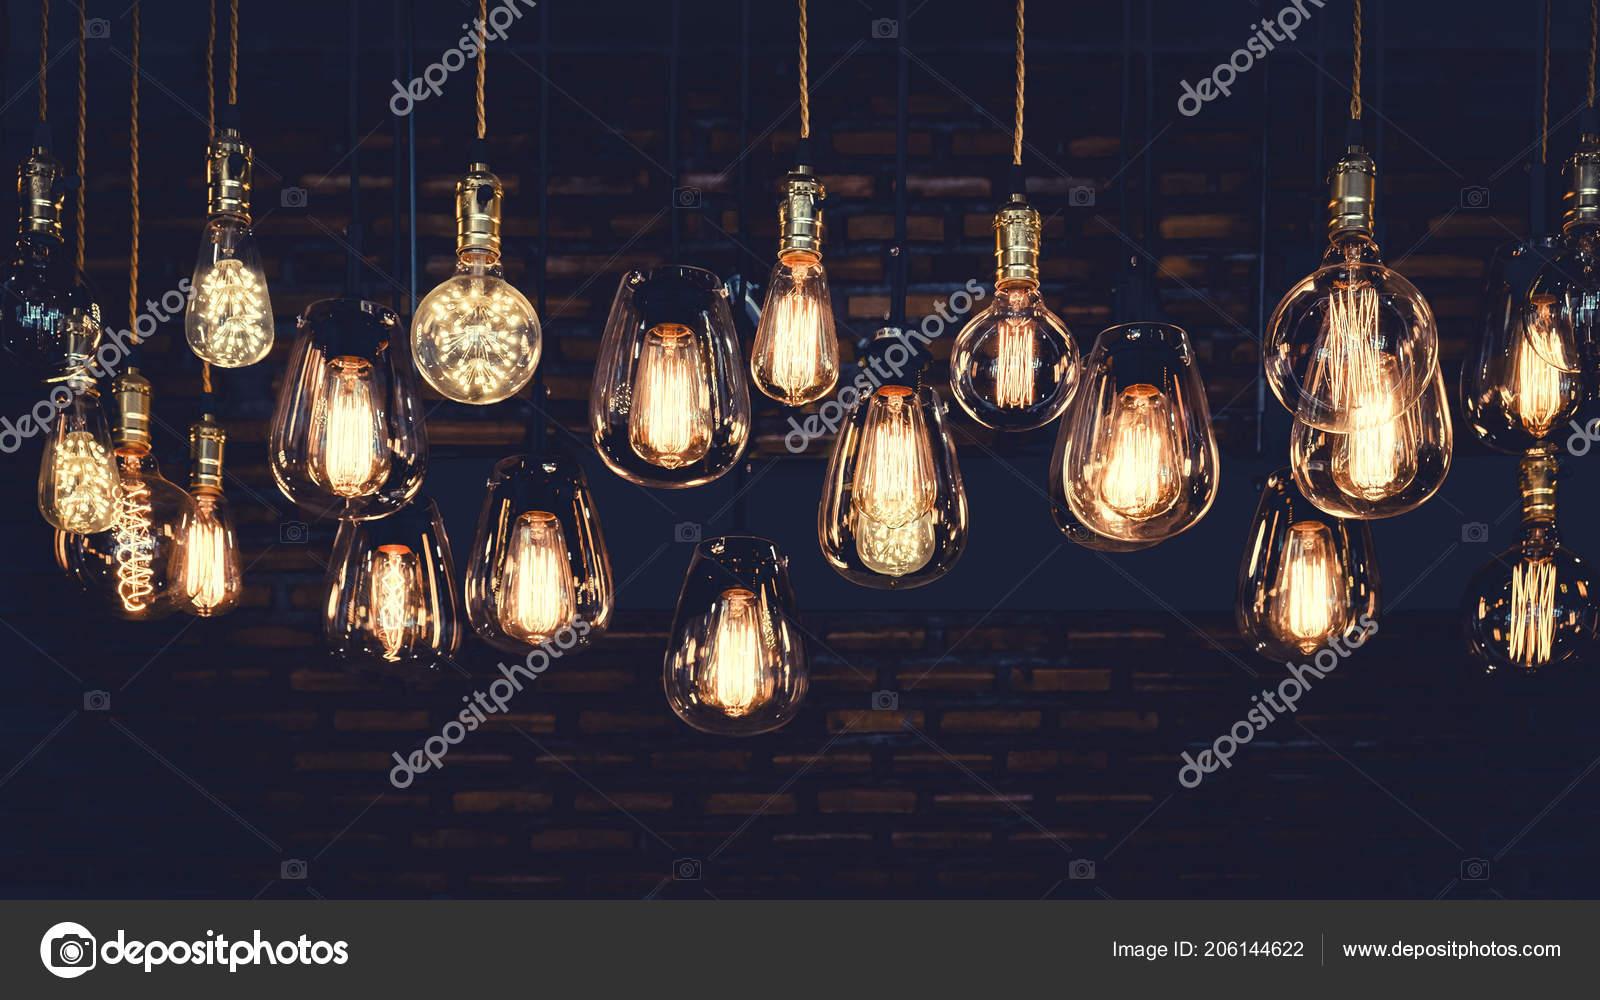 Schone Vintage Luxus Gluhbirne Hangen Dekor Die Dunkeln Leuchten